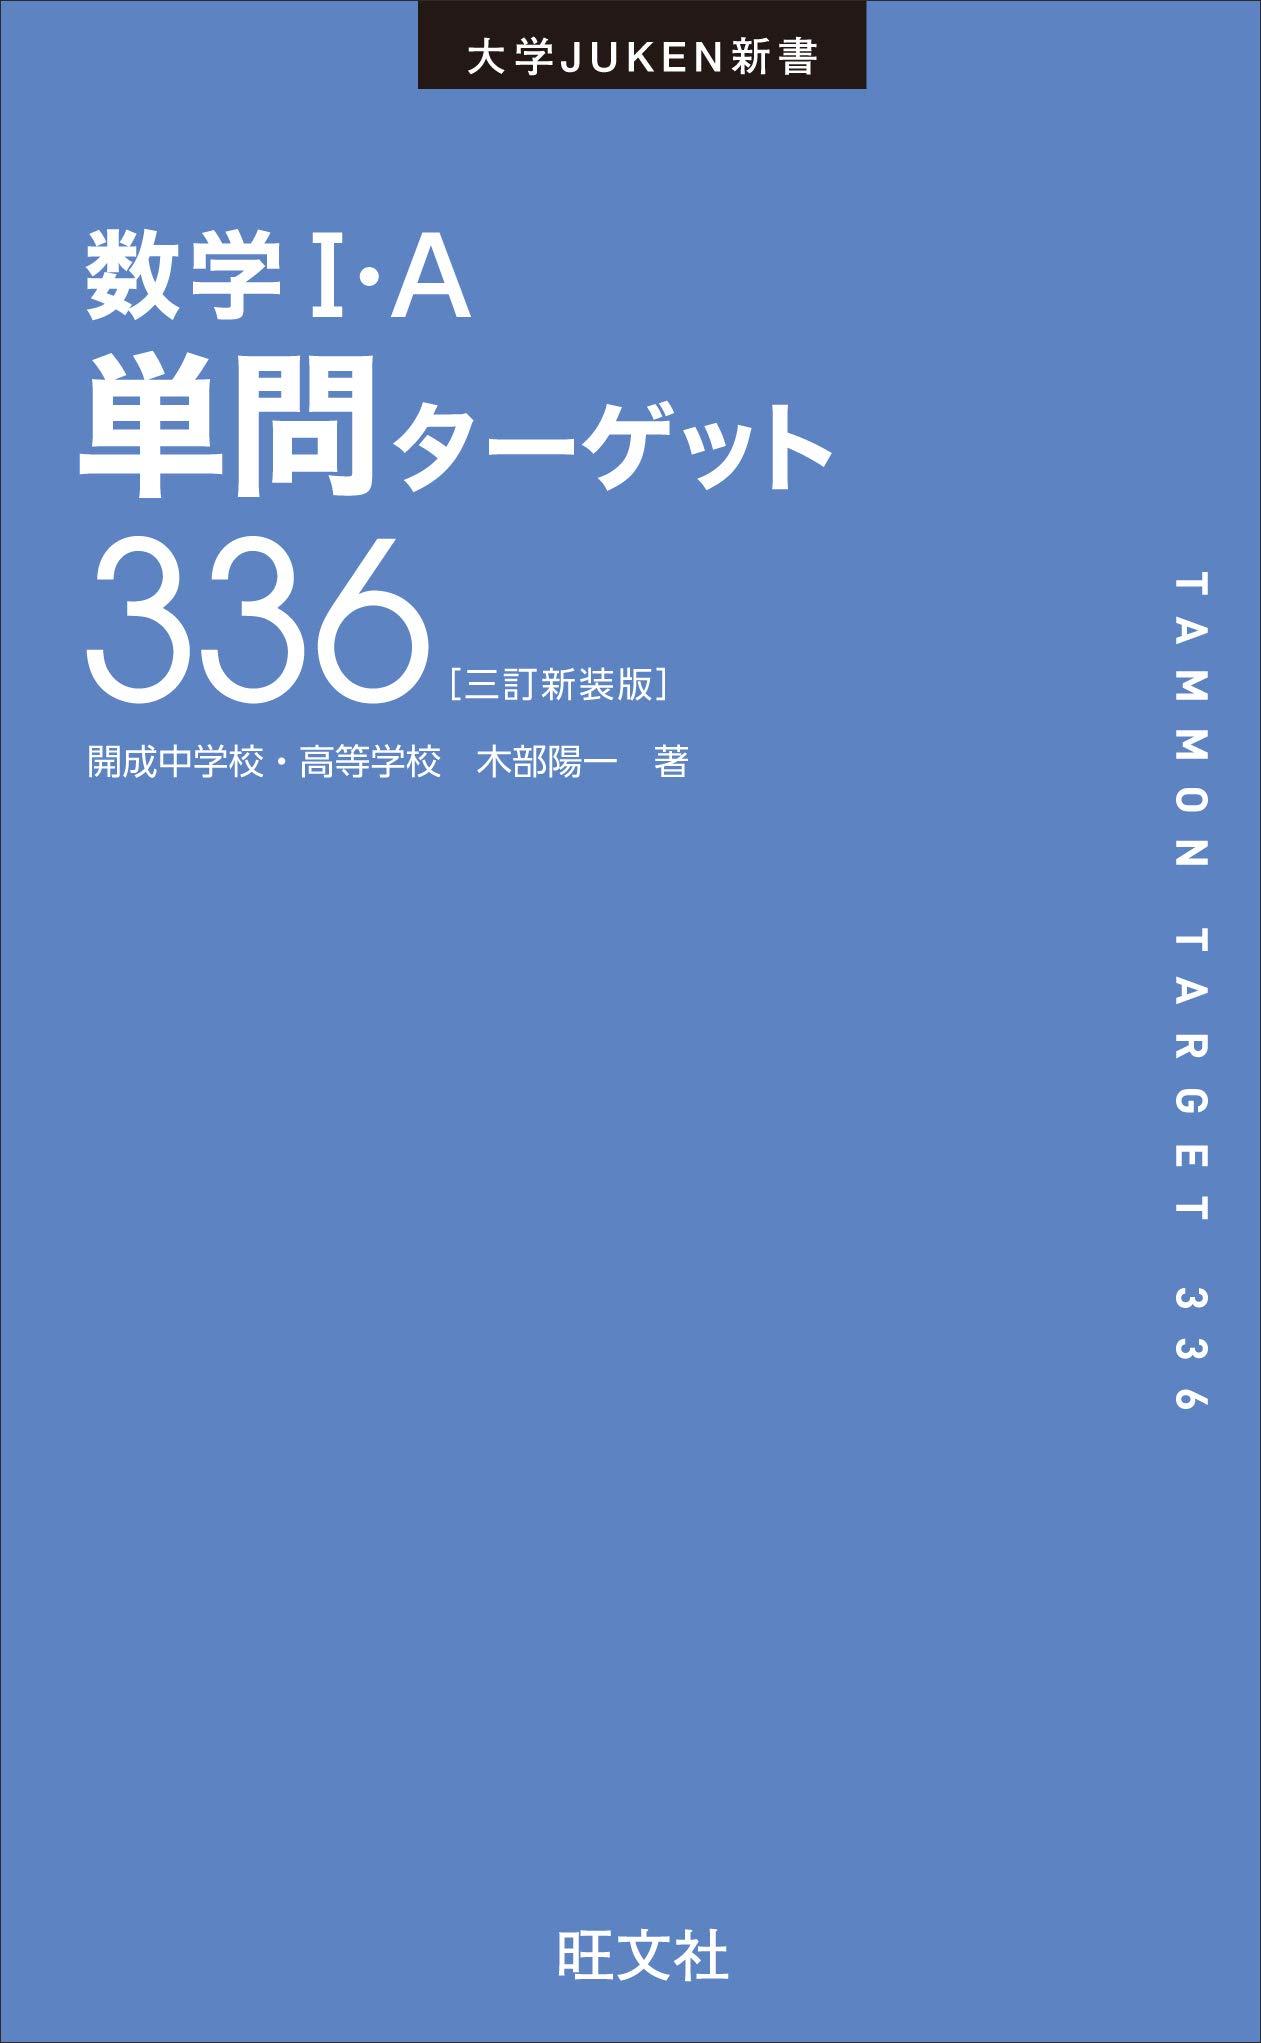 数学のおすすめ参考書・問題集『数学単問ターゲット』